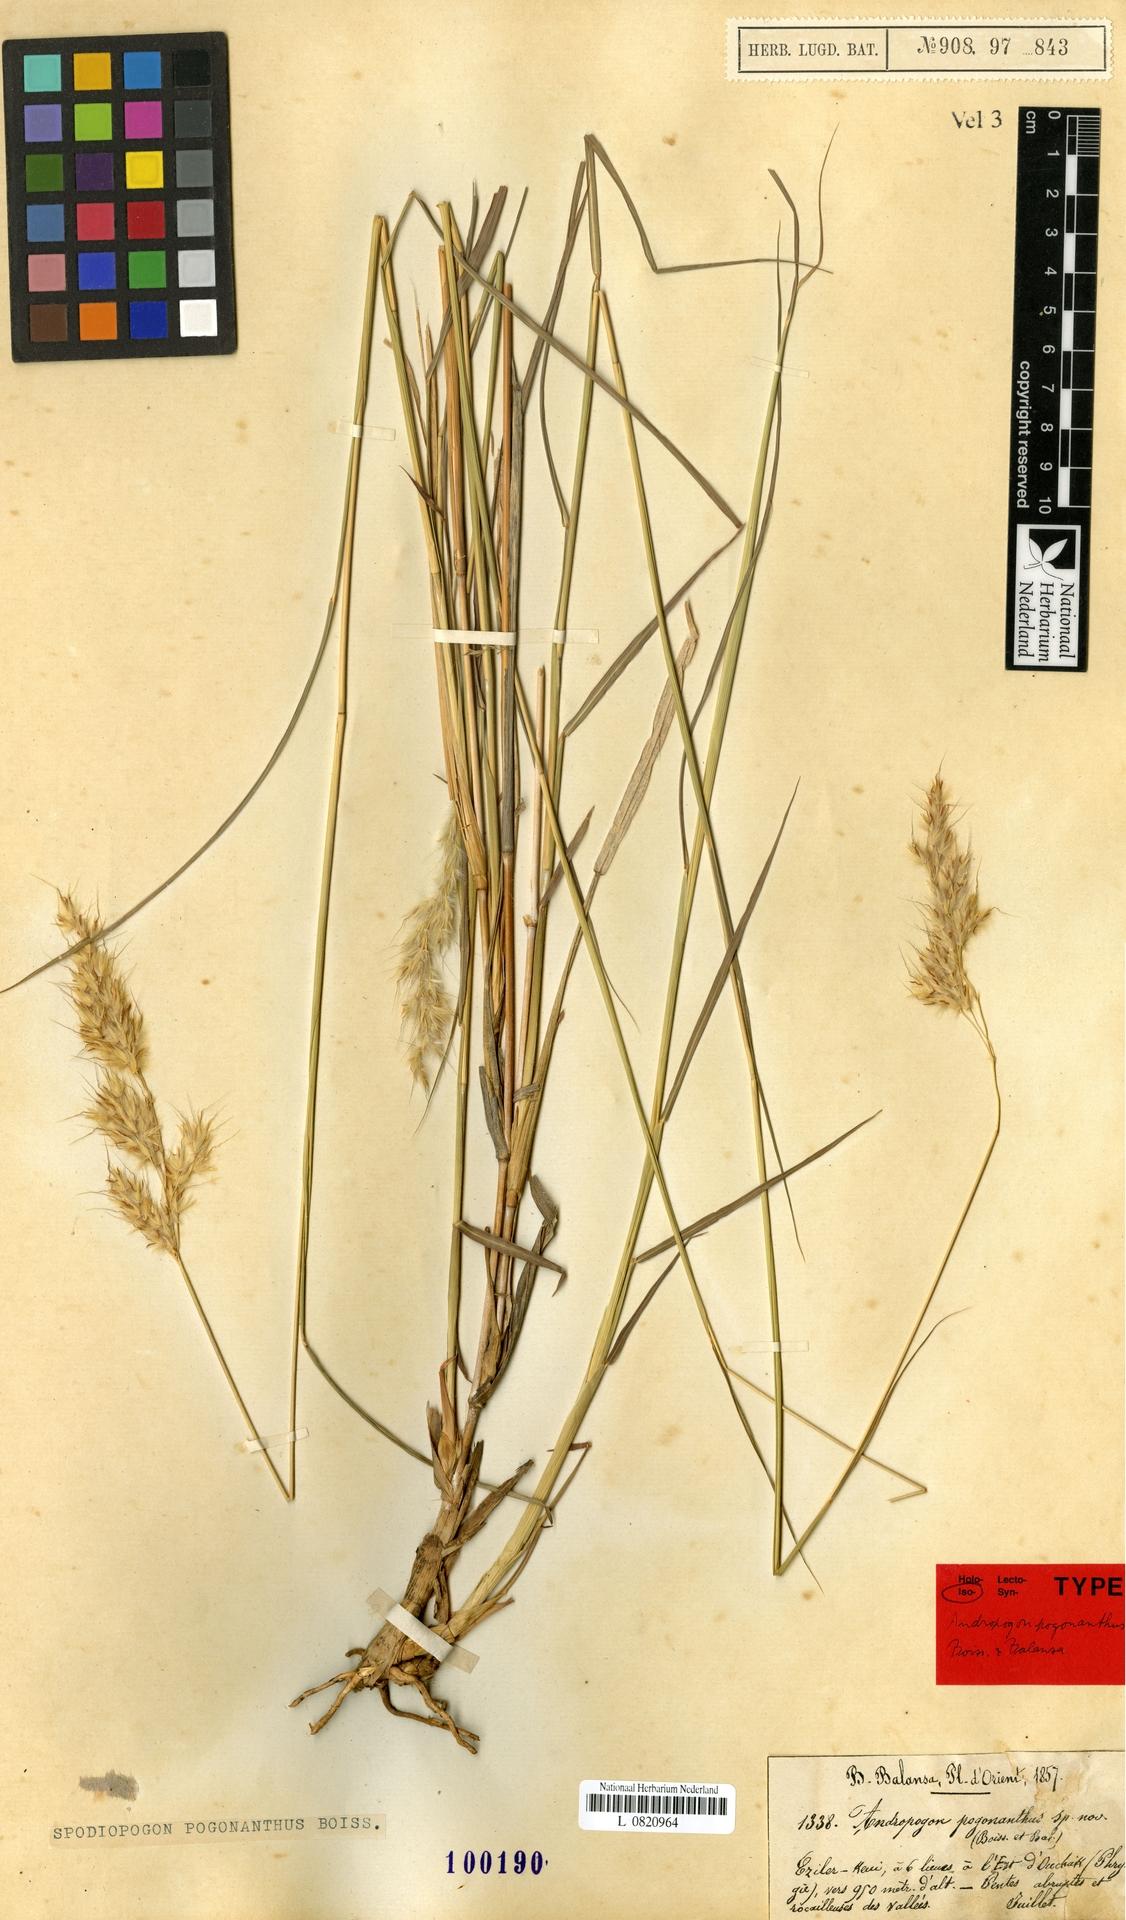 L  0820964 | Spodiopogon pogonanthus (Boiss. & Balansa) Benth.